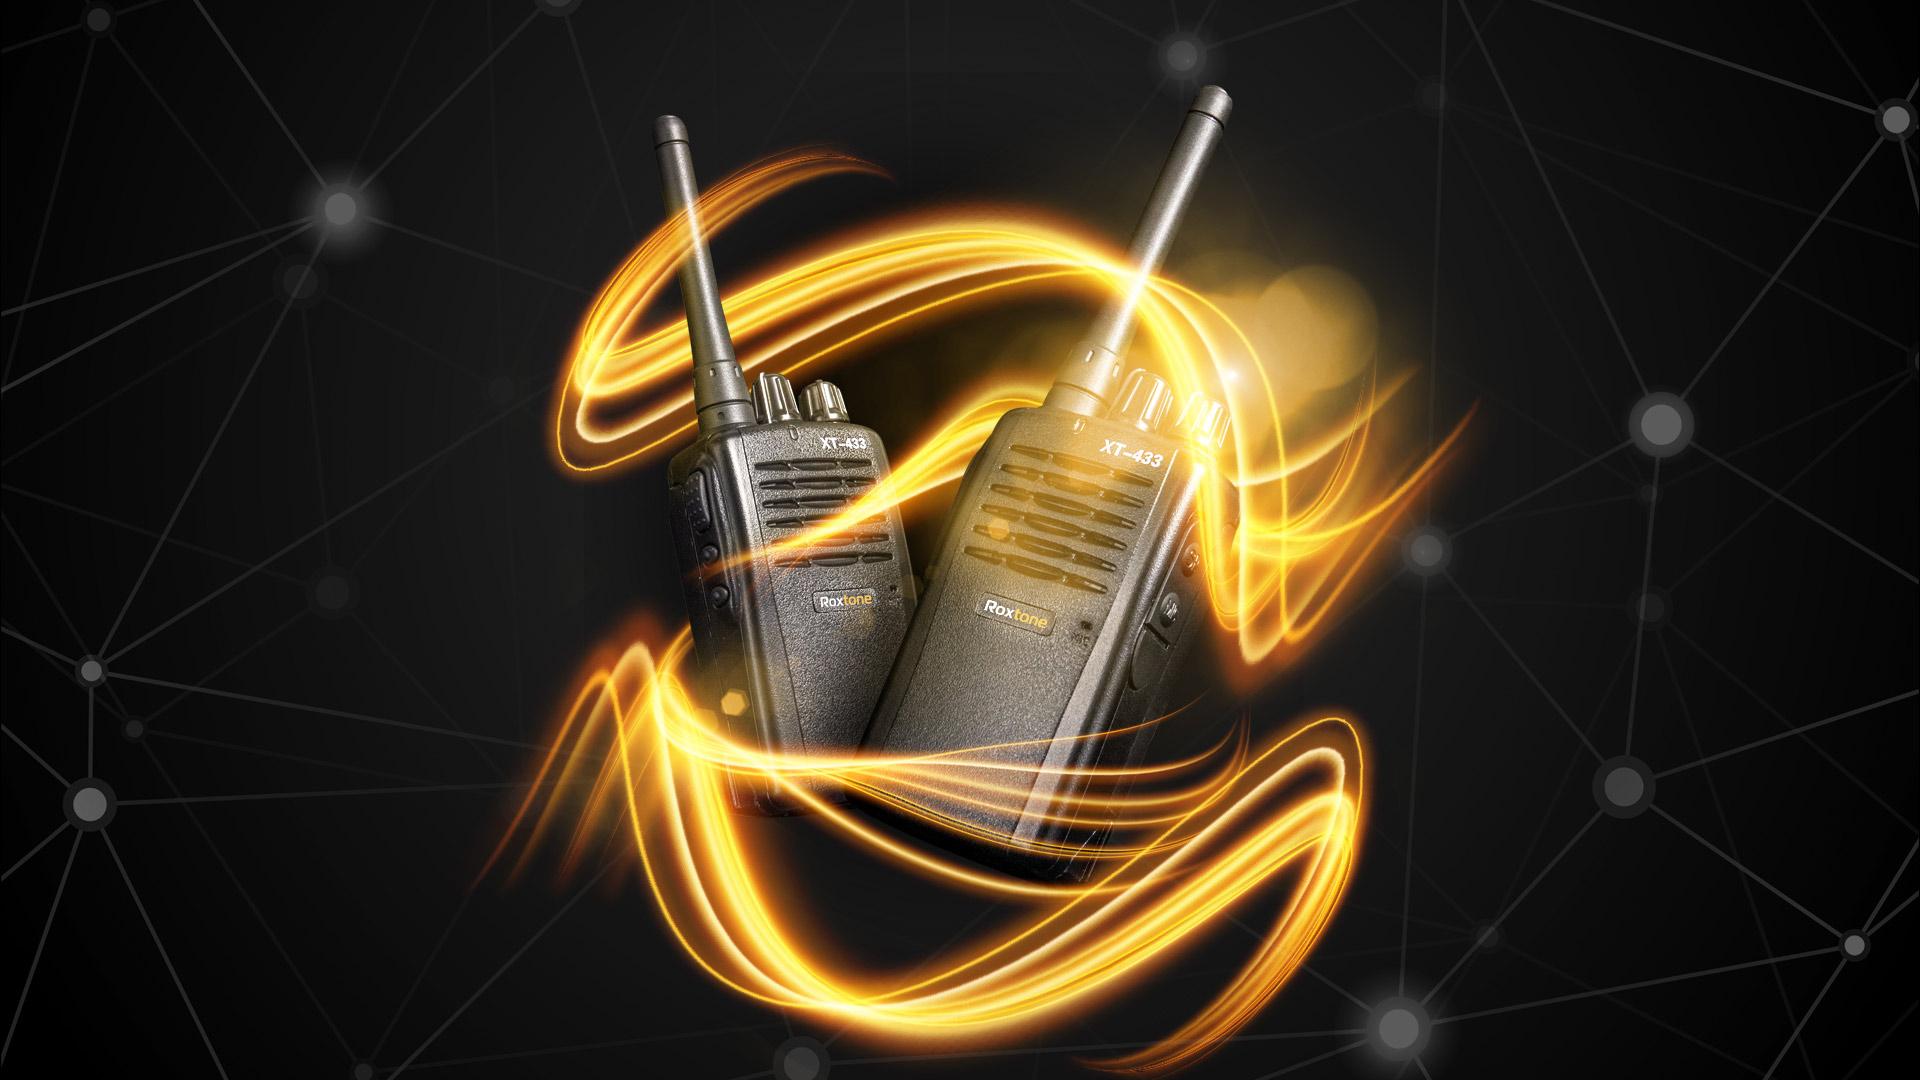 Roxtone-radiopuhelimet